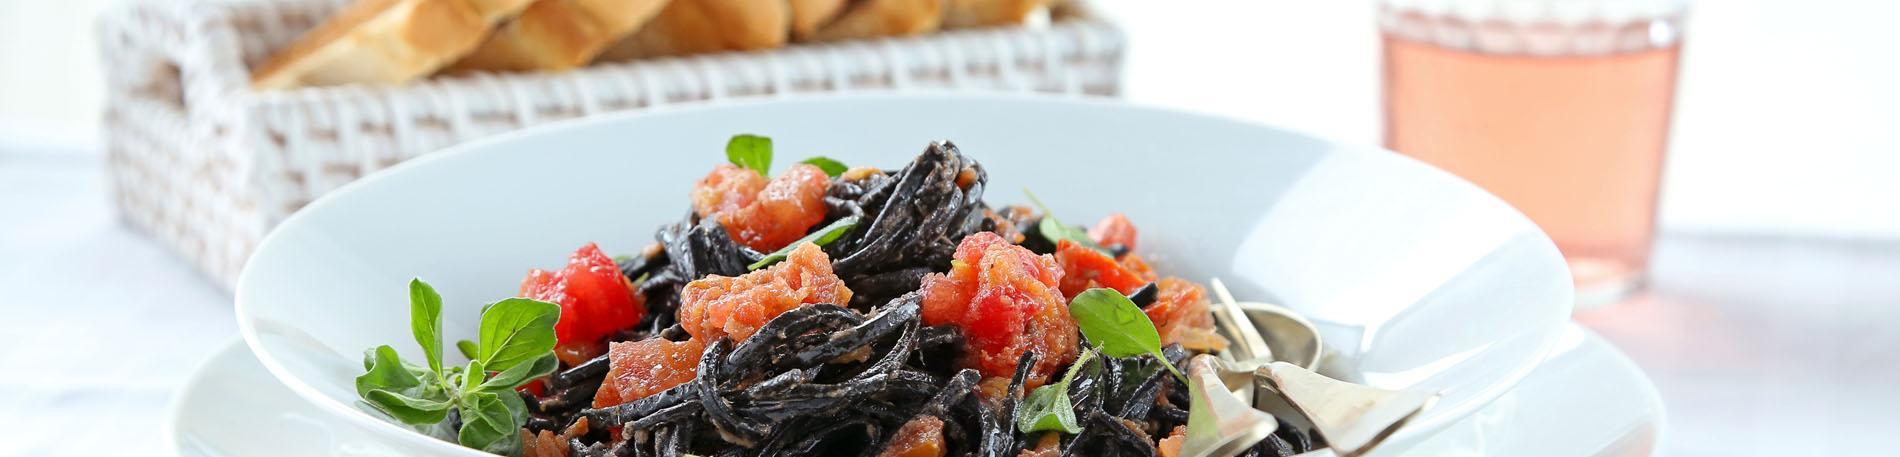 Spaghetti Nero di Seppia con salsa de anchoas a la trufa negra